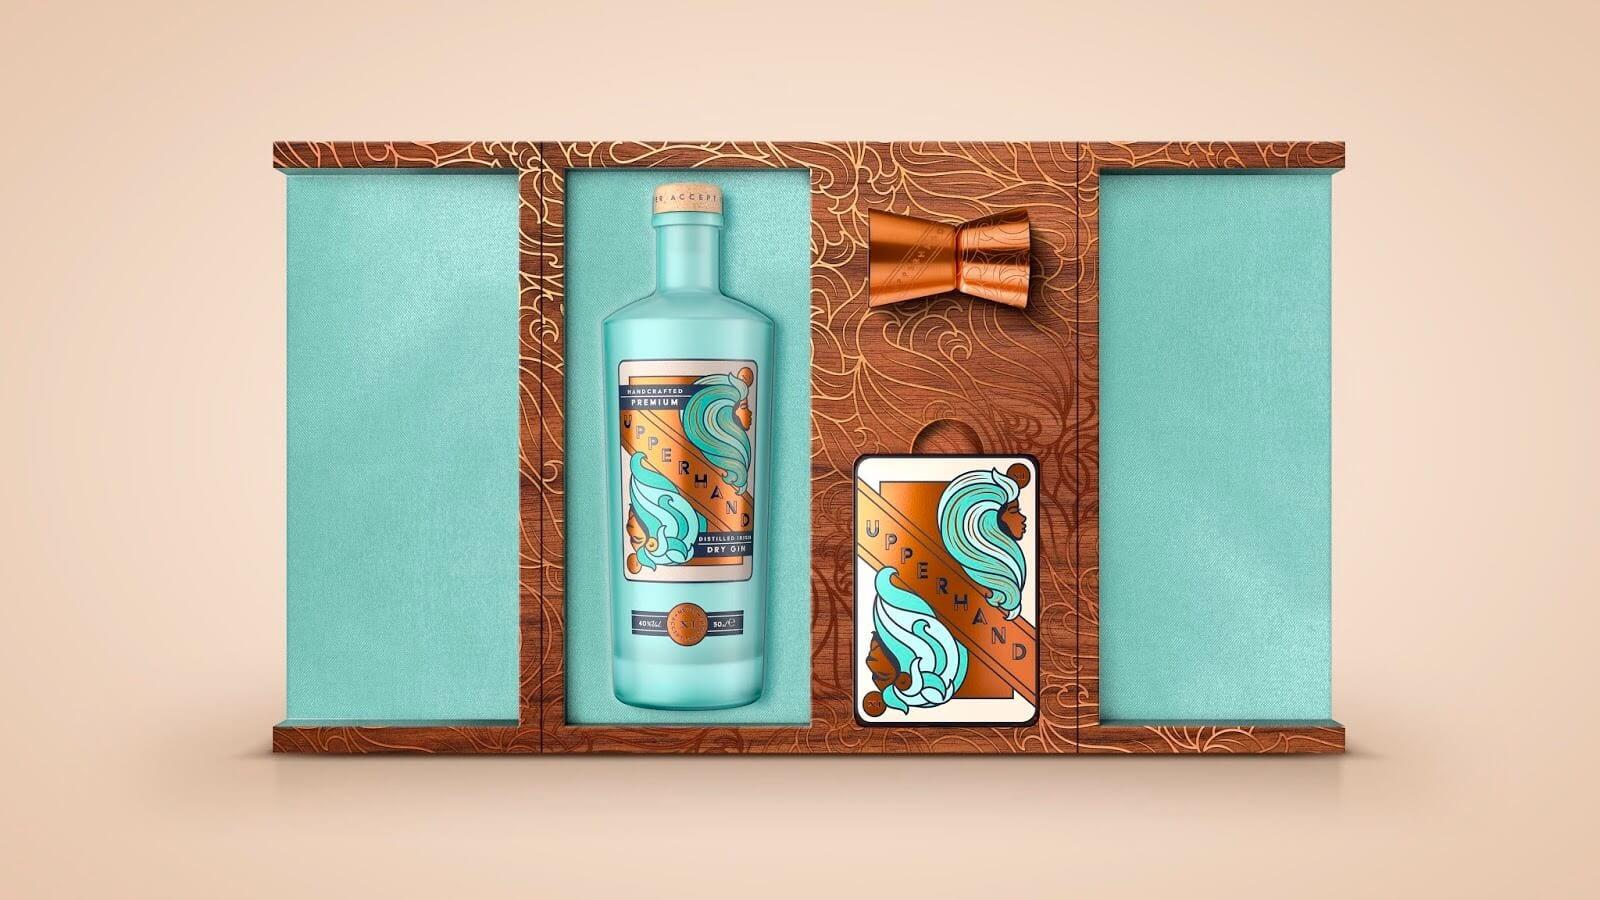 upperhand 07 - Ach, tie obaly - Upperhand Gin